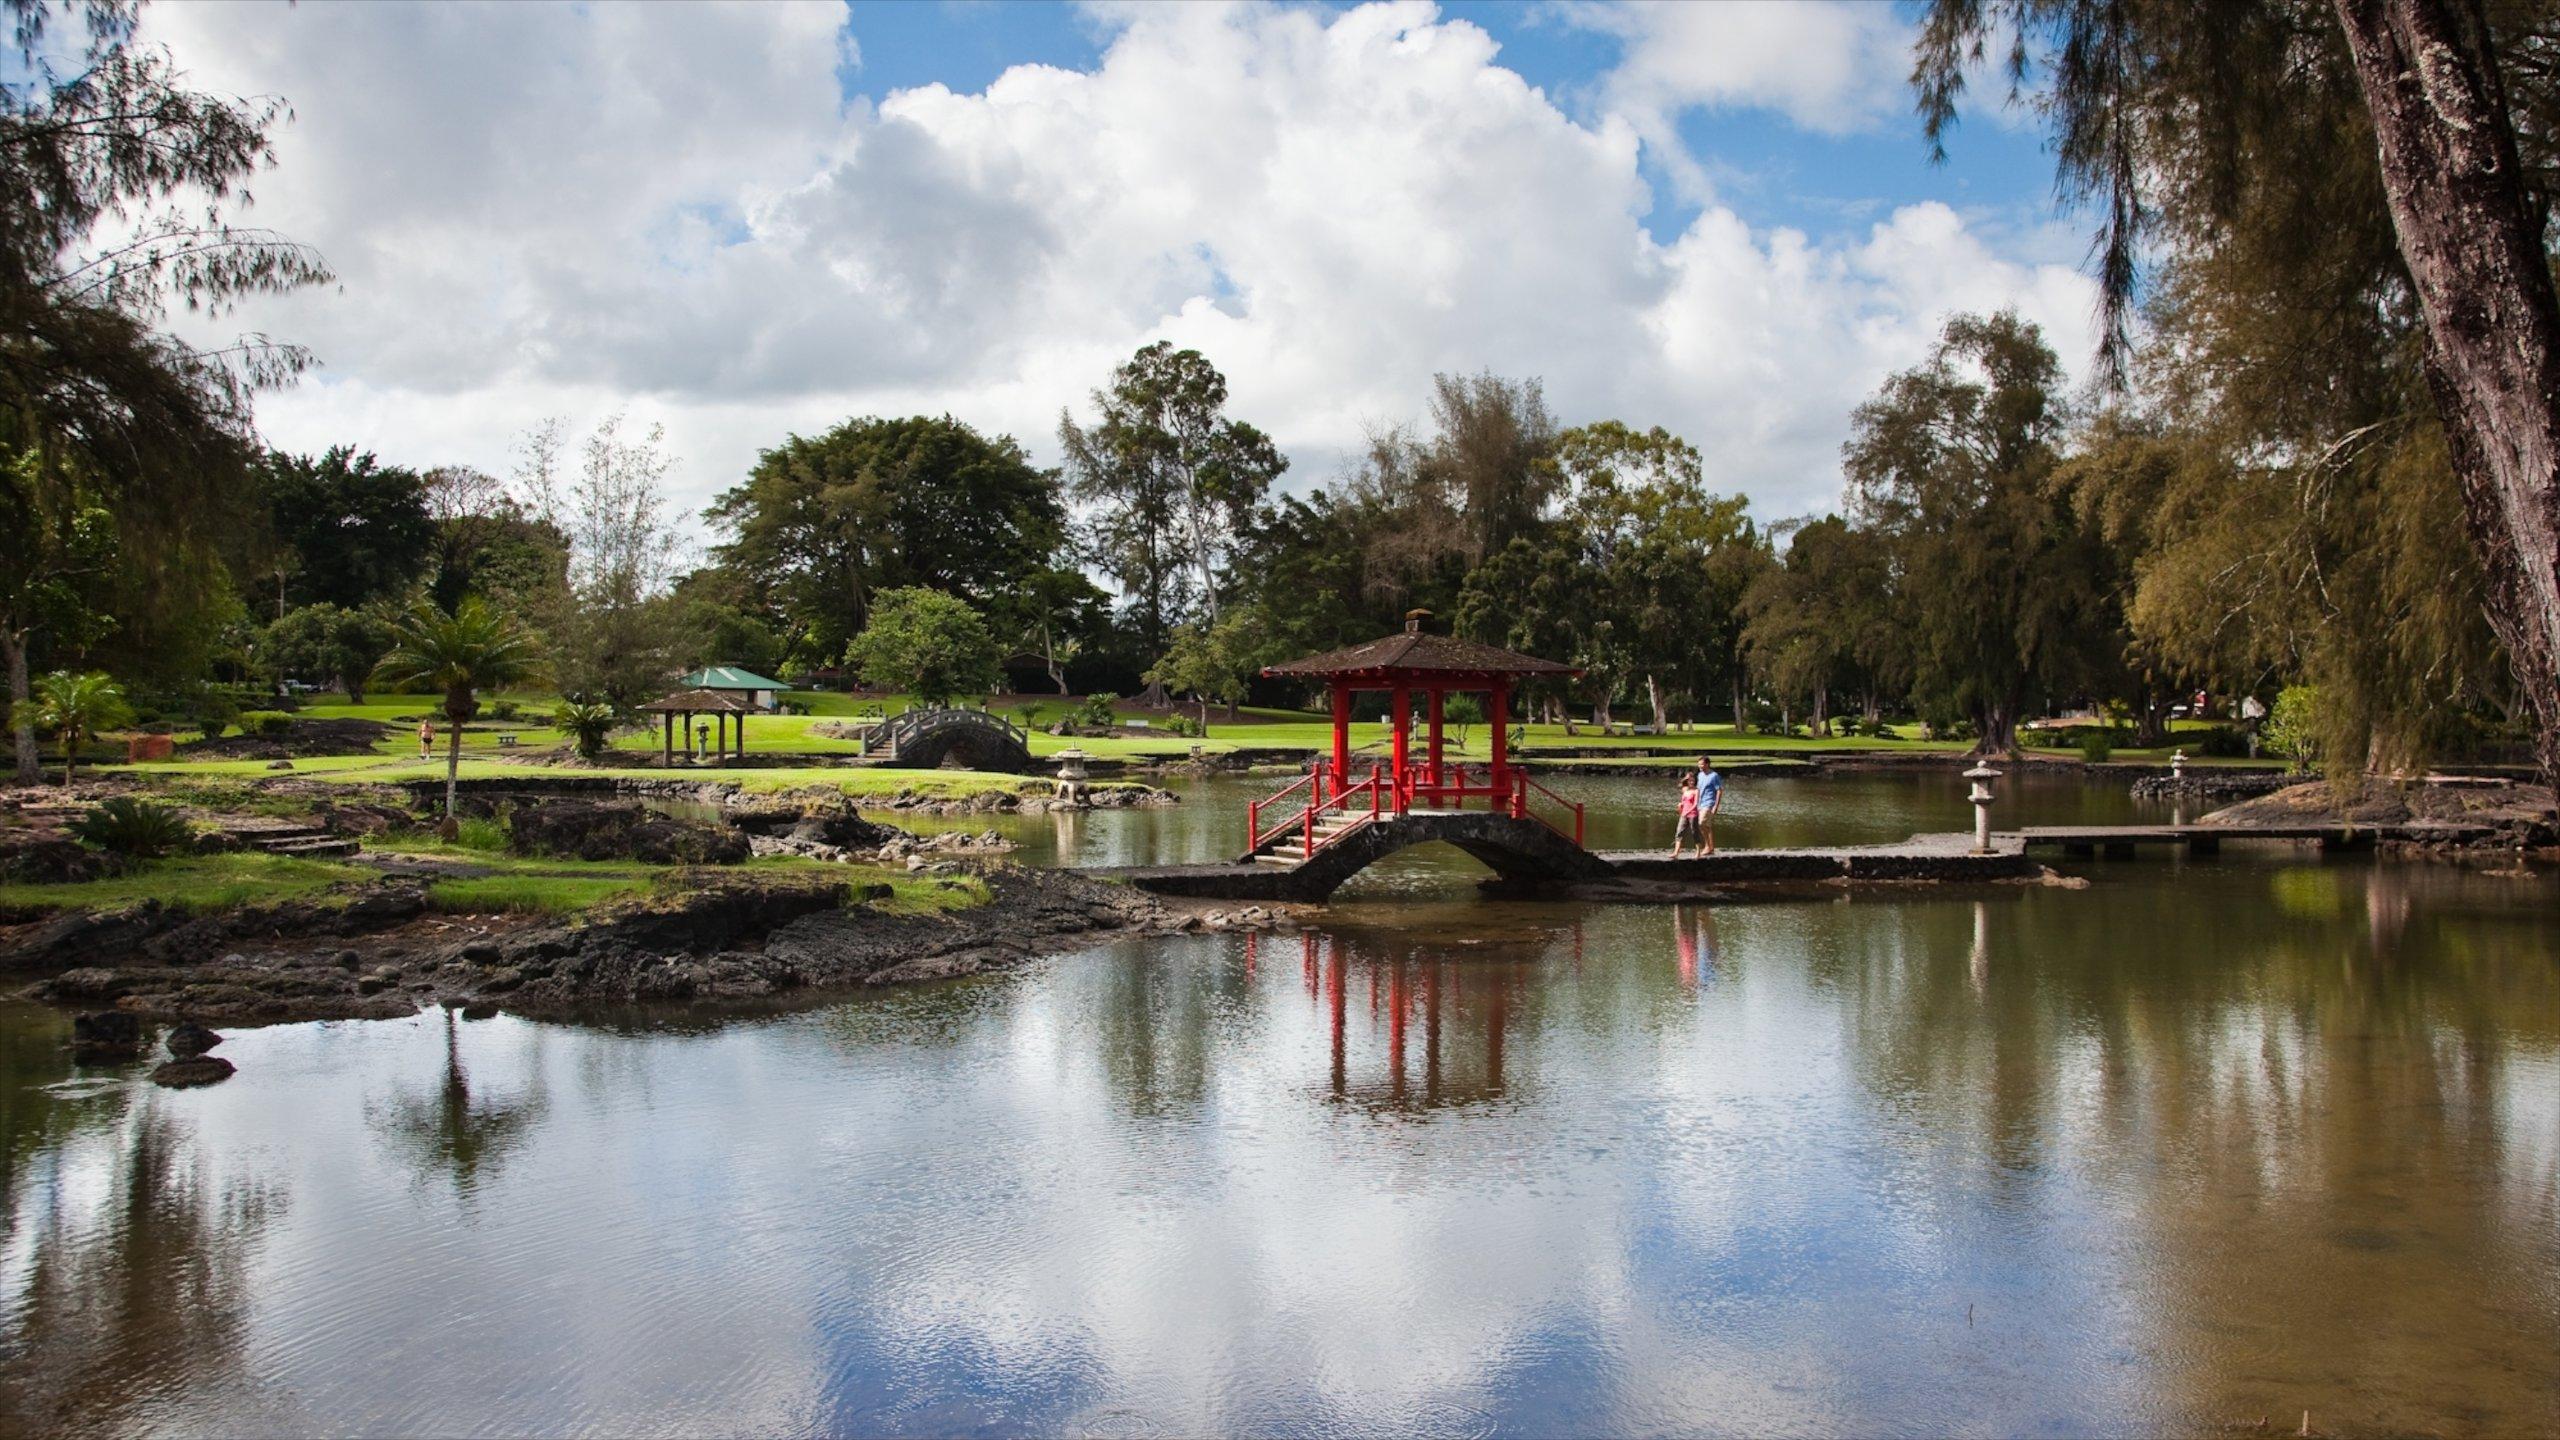 Keaukaha, Hilo, Hawaii, United States of America